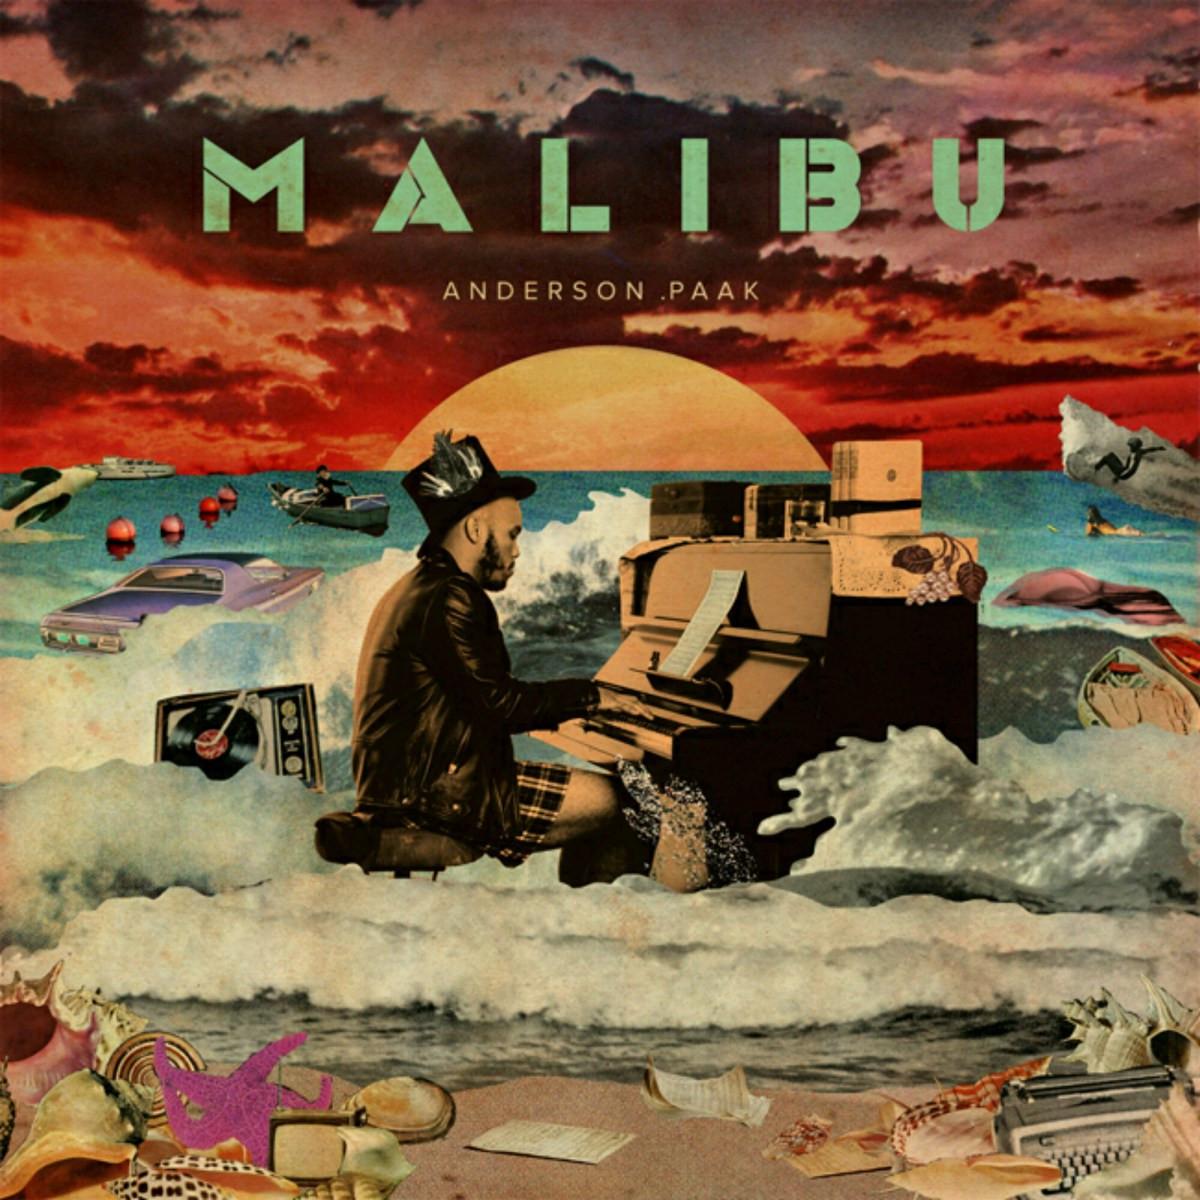 Malibu by Anderson .Paak.jpeg